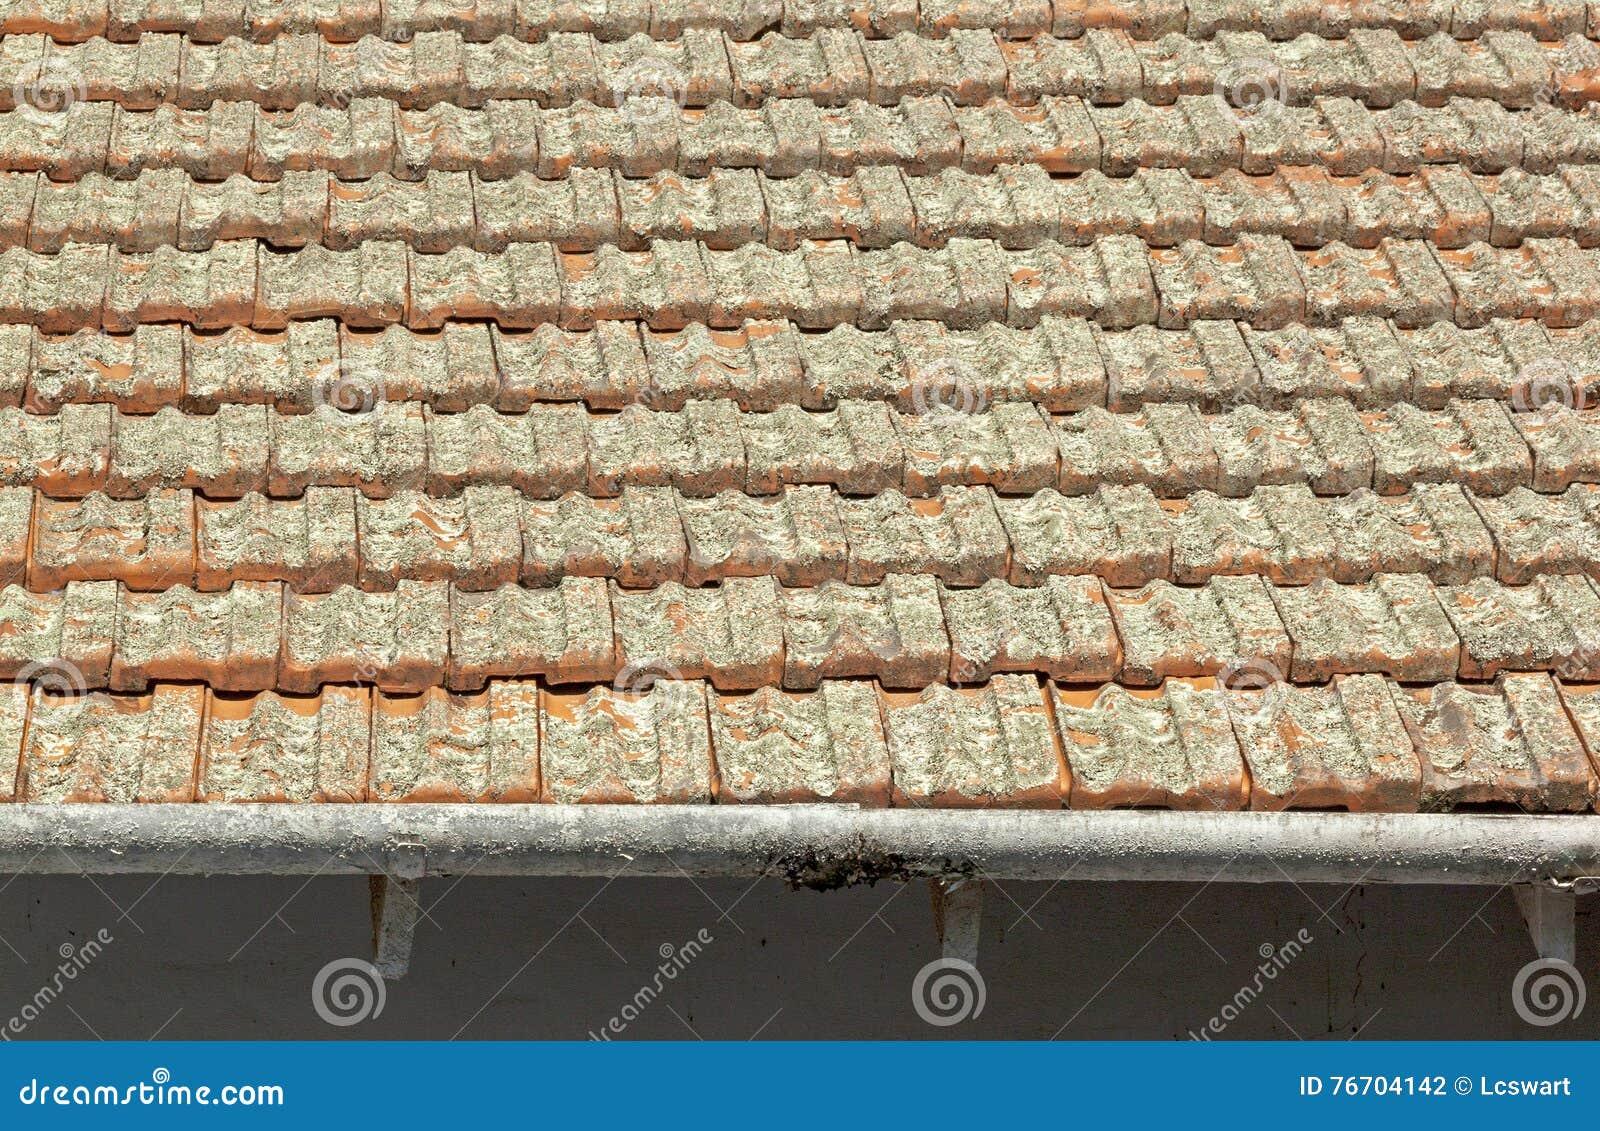 Clay Roof Tiles Covered in Korstmos met Schilgoten